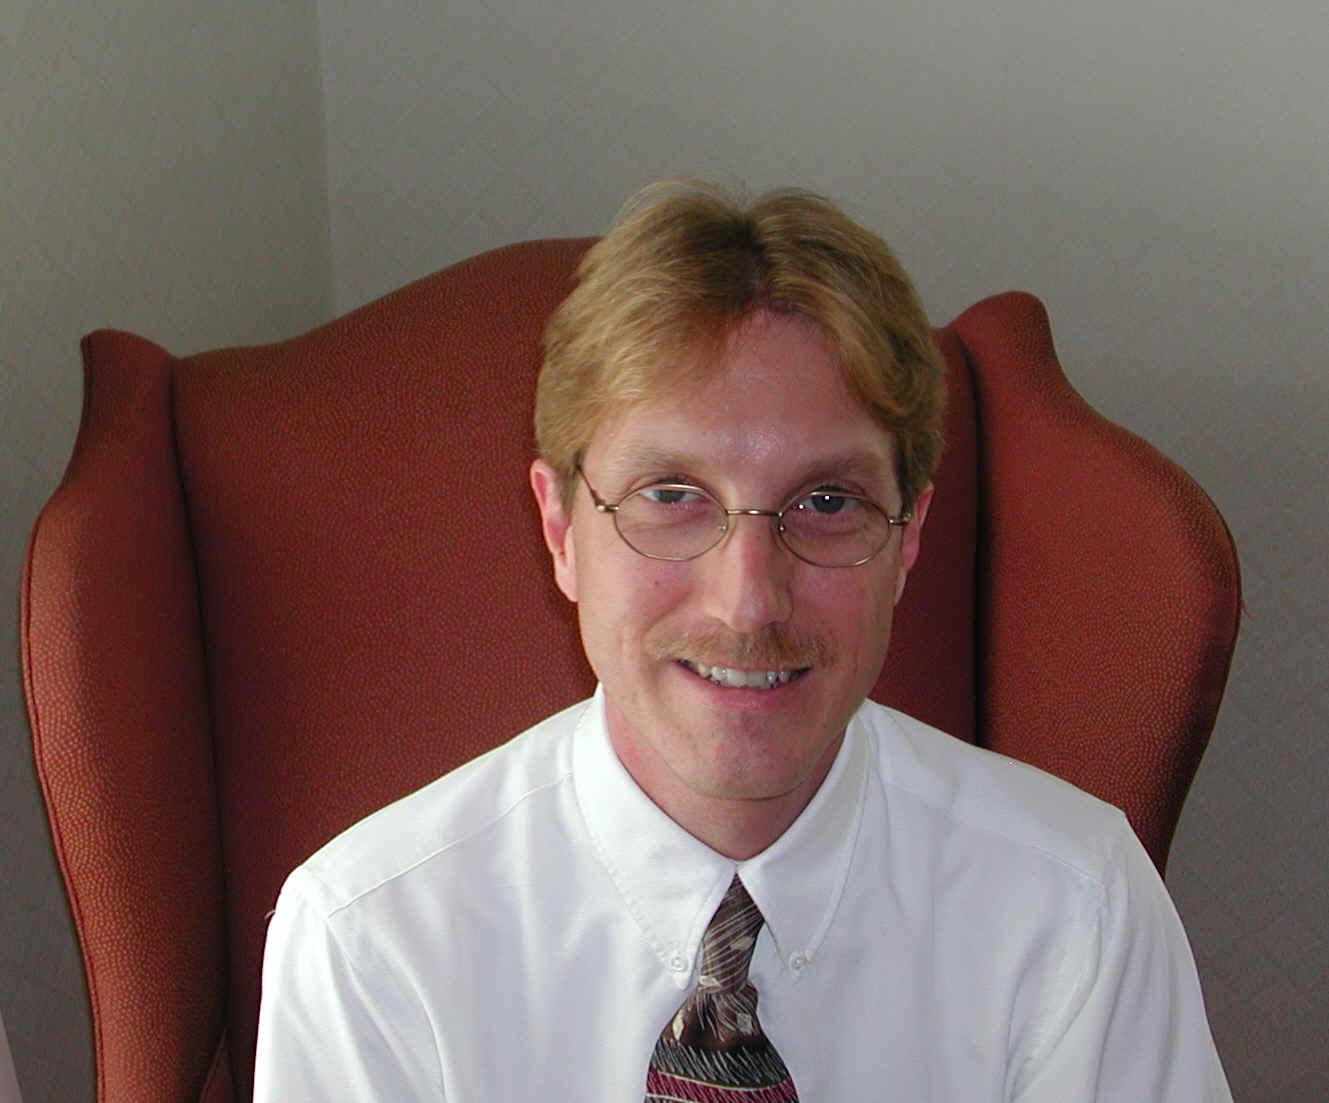 Eric Helms